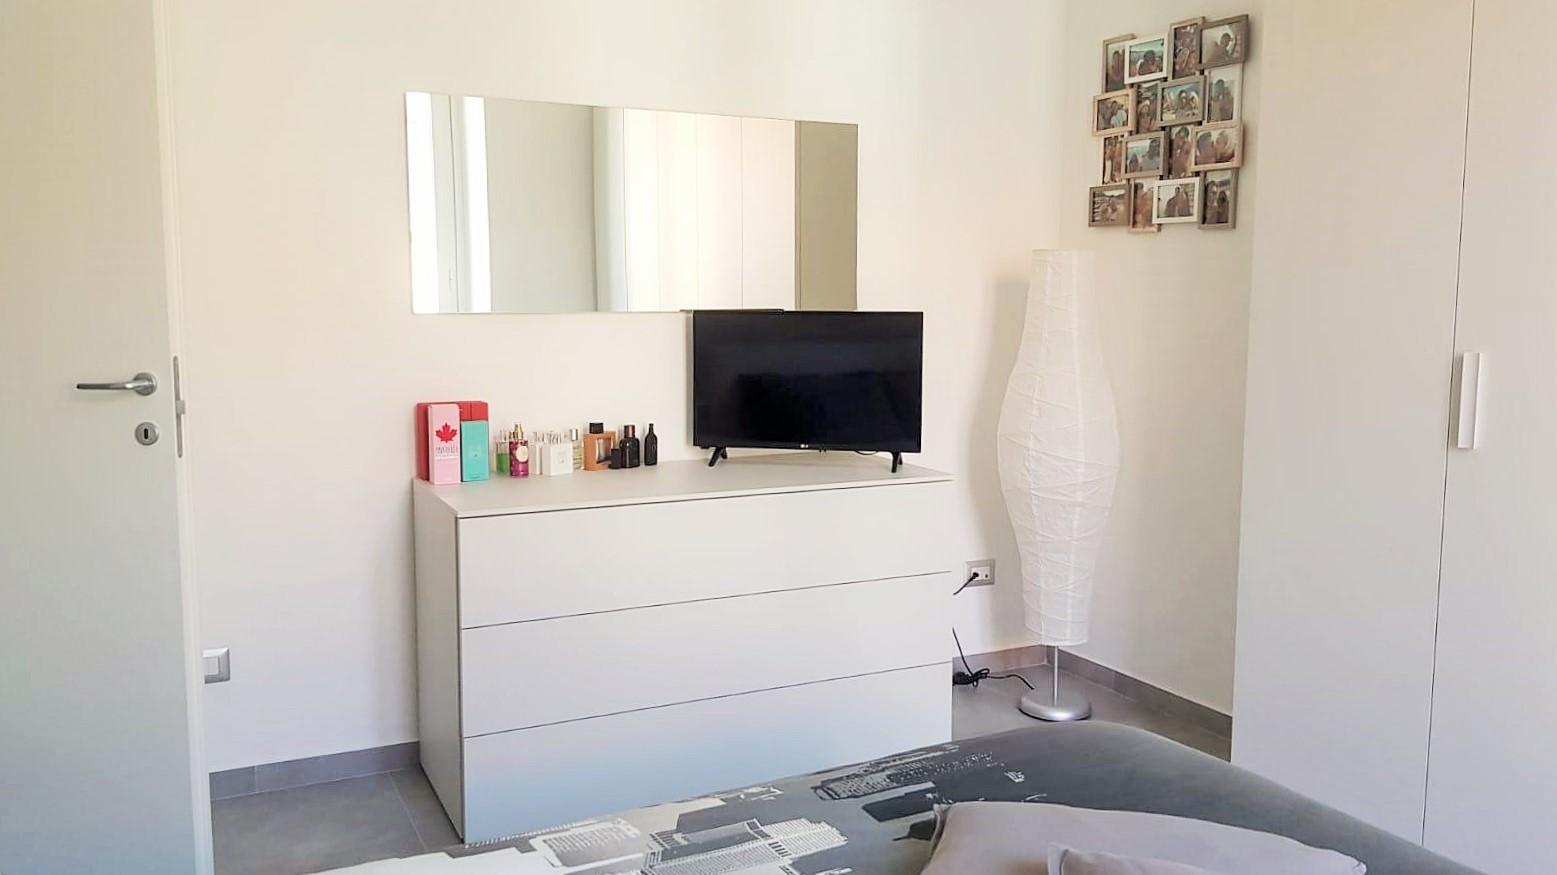 cassettiera-specchio-cinquanta3-battistella-realizzazioni-centro dell'arredamento-savona